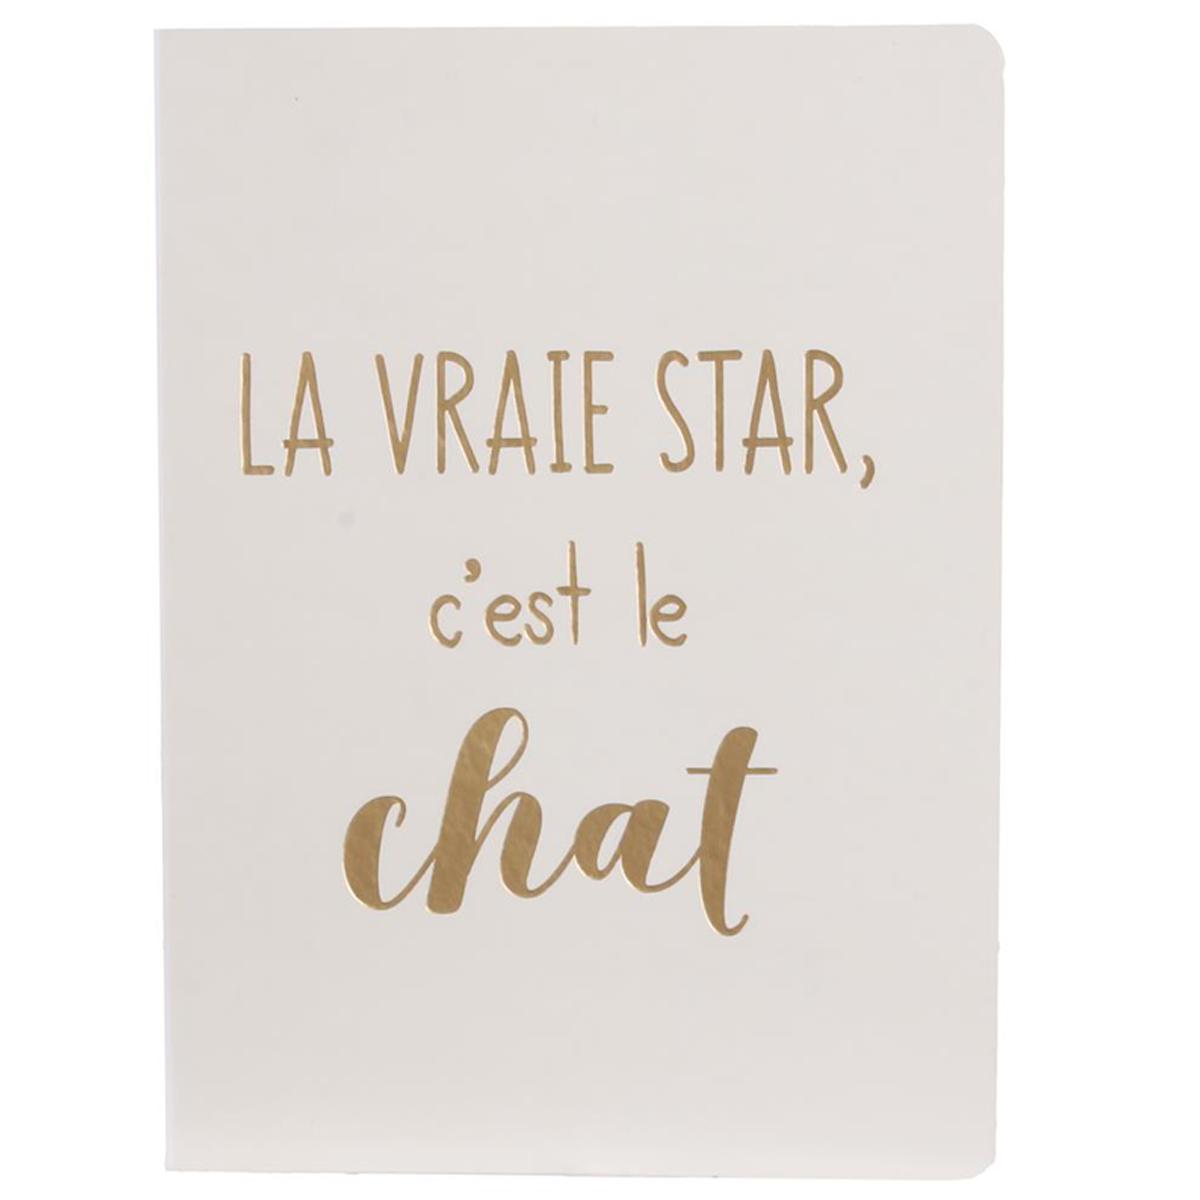 Carnet A6 \'Chats\' blanc doré (\'La vraie star, c\'est le chat\') - 15x115x05 cm - [Q5432]